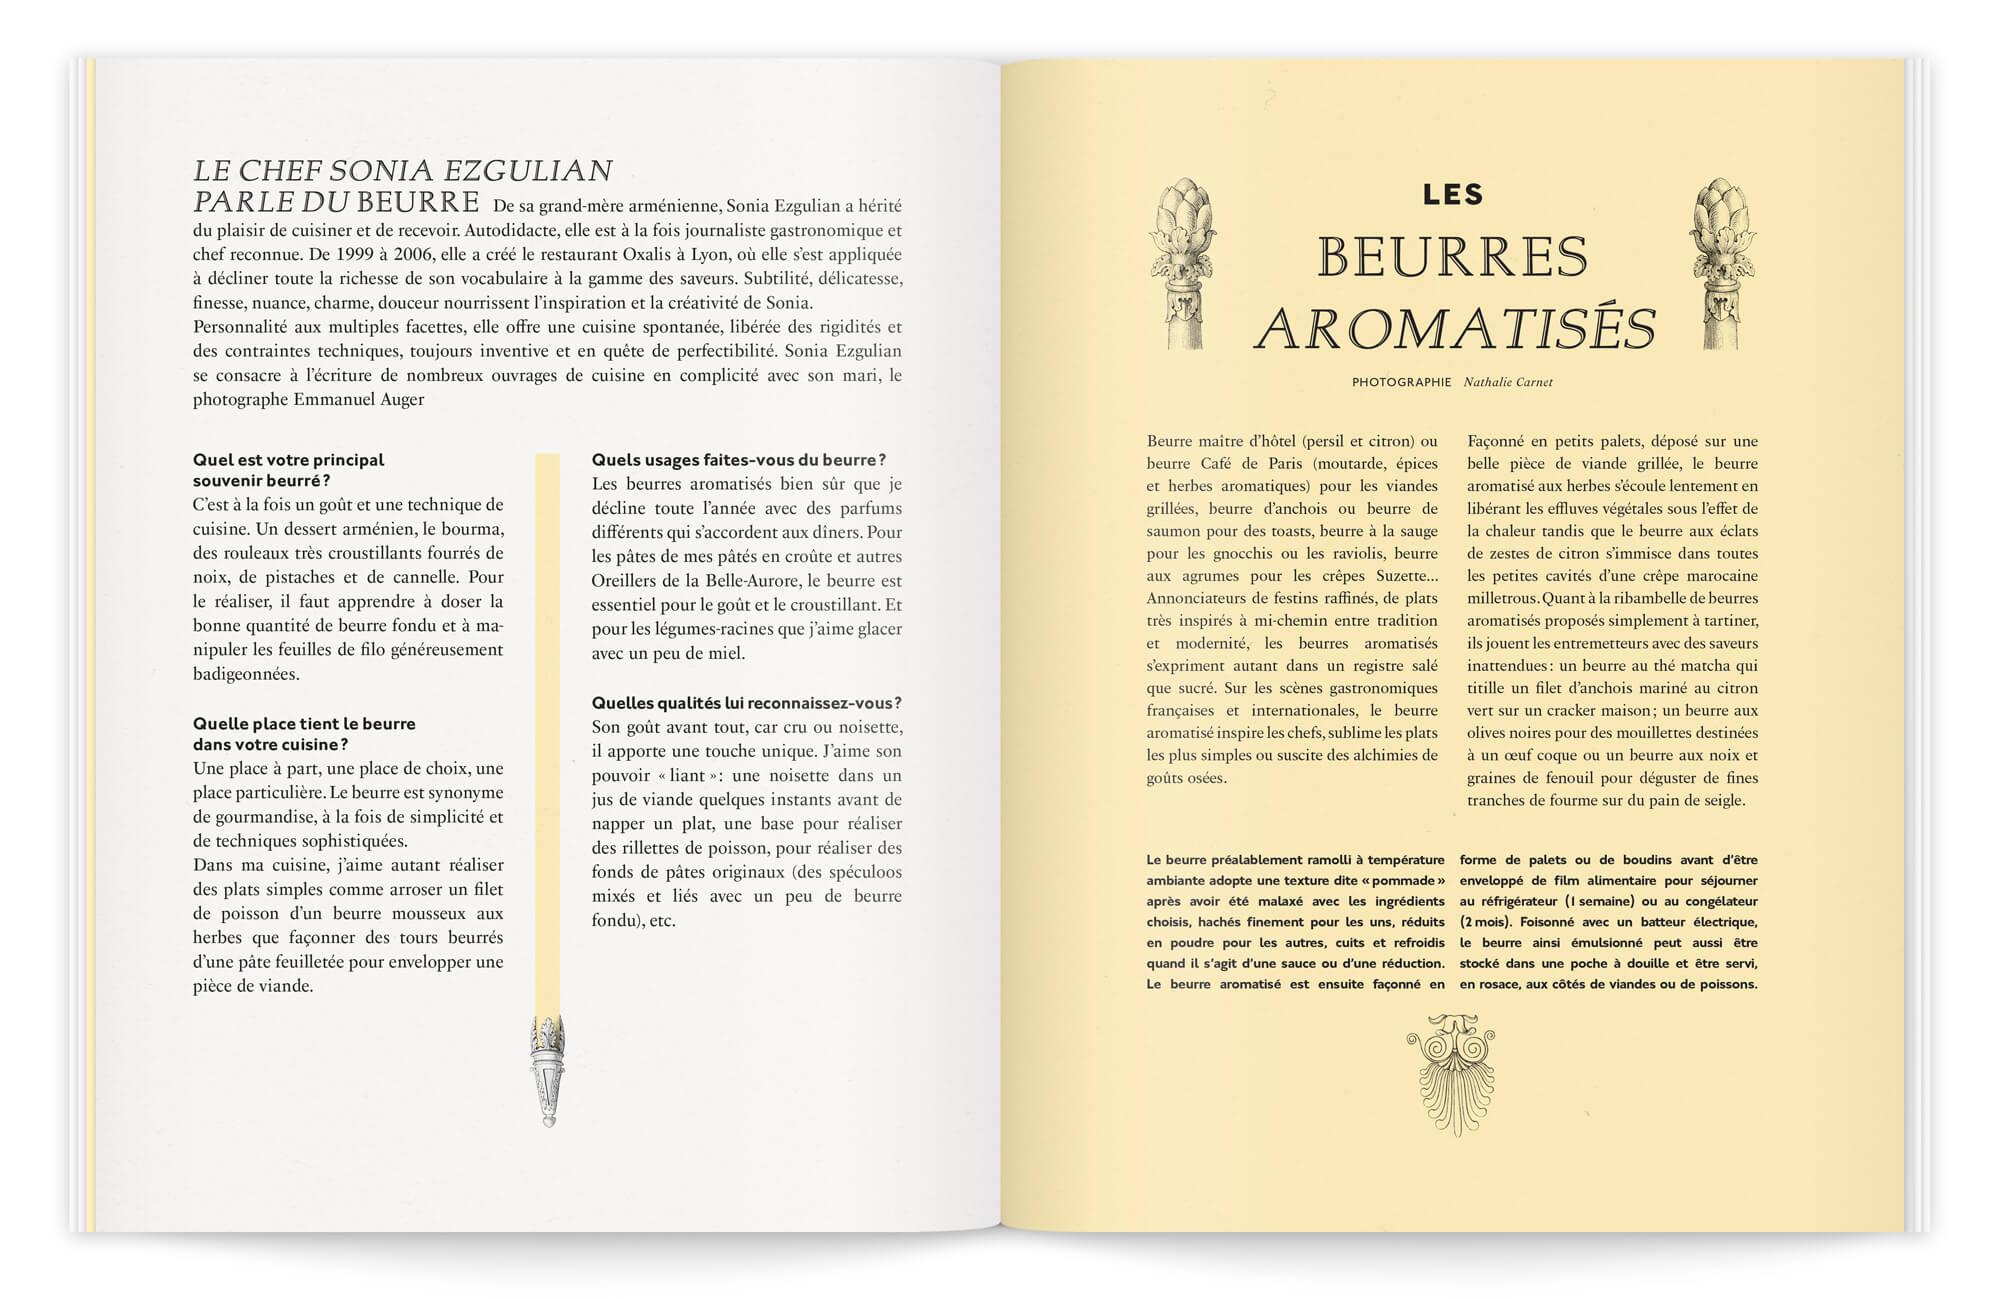 mise en page classique Chic rythmée par le color block jaune pastel, des gravures anciennes viennent habiller cette double. dans une brochure premium dessinée par Ich&Kar